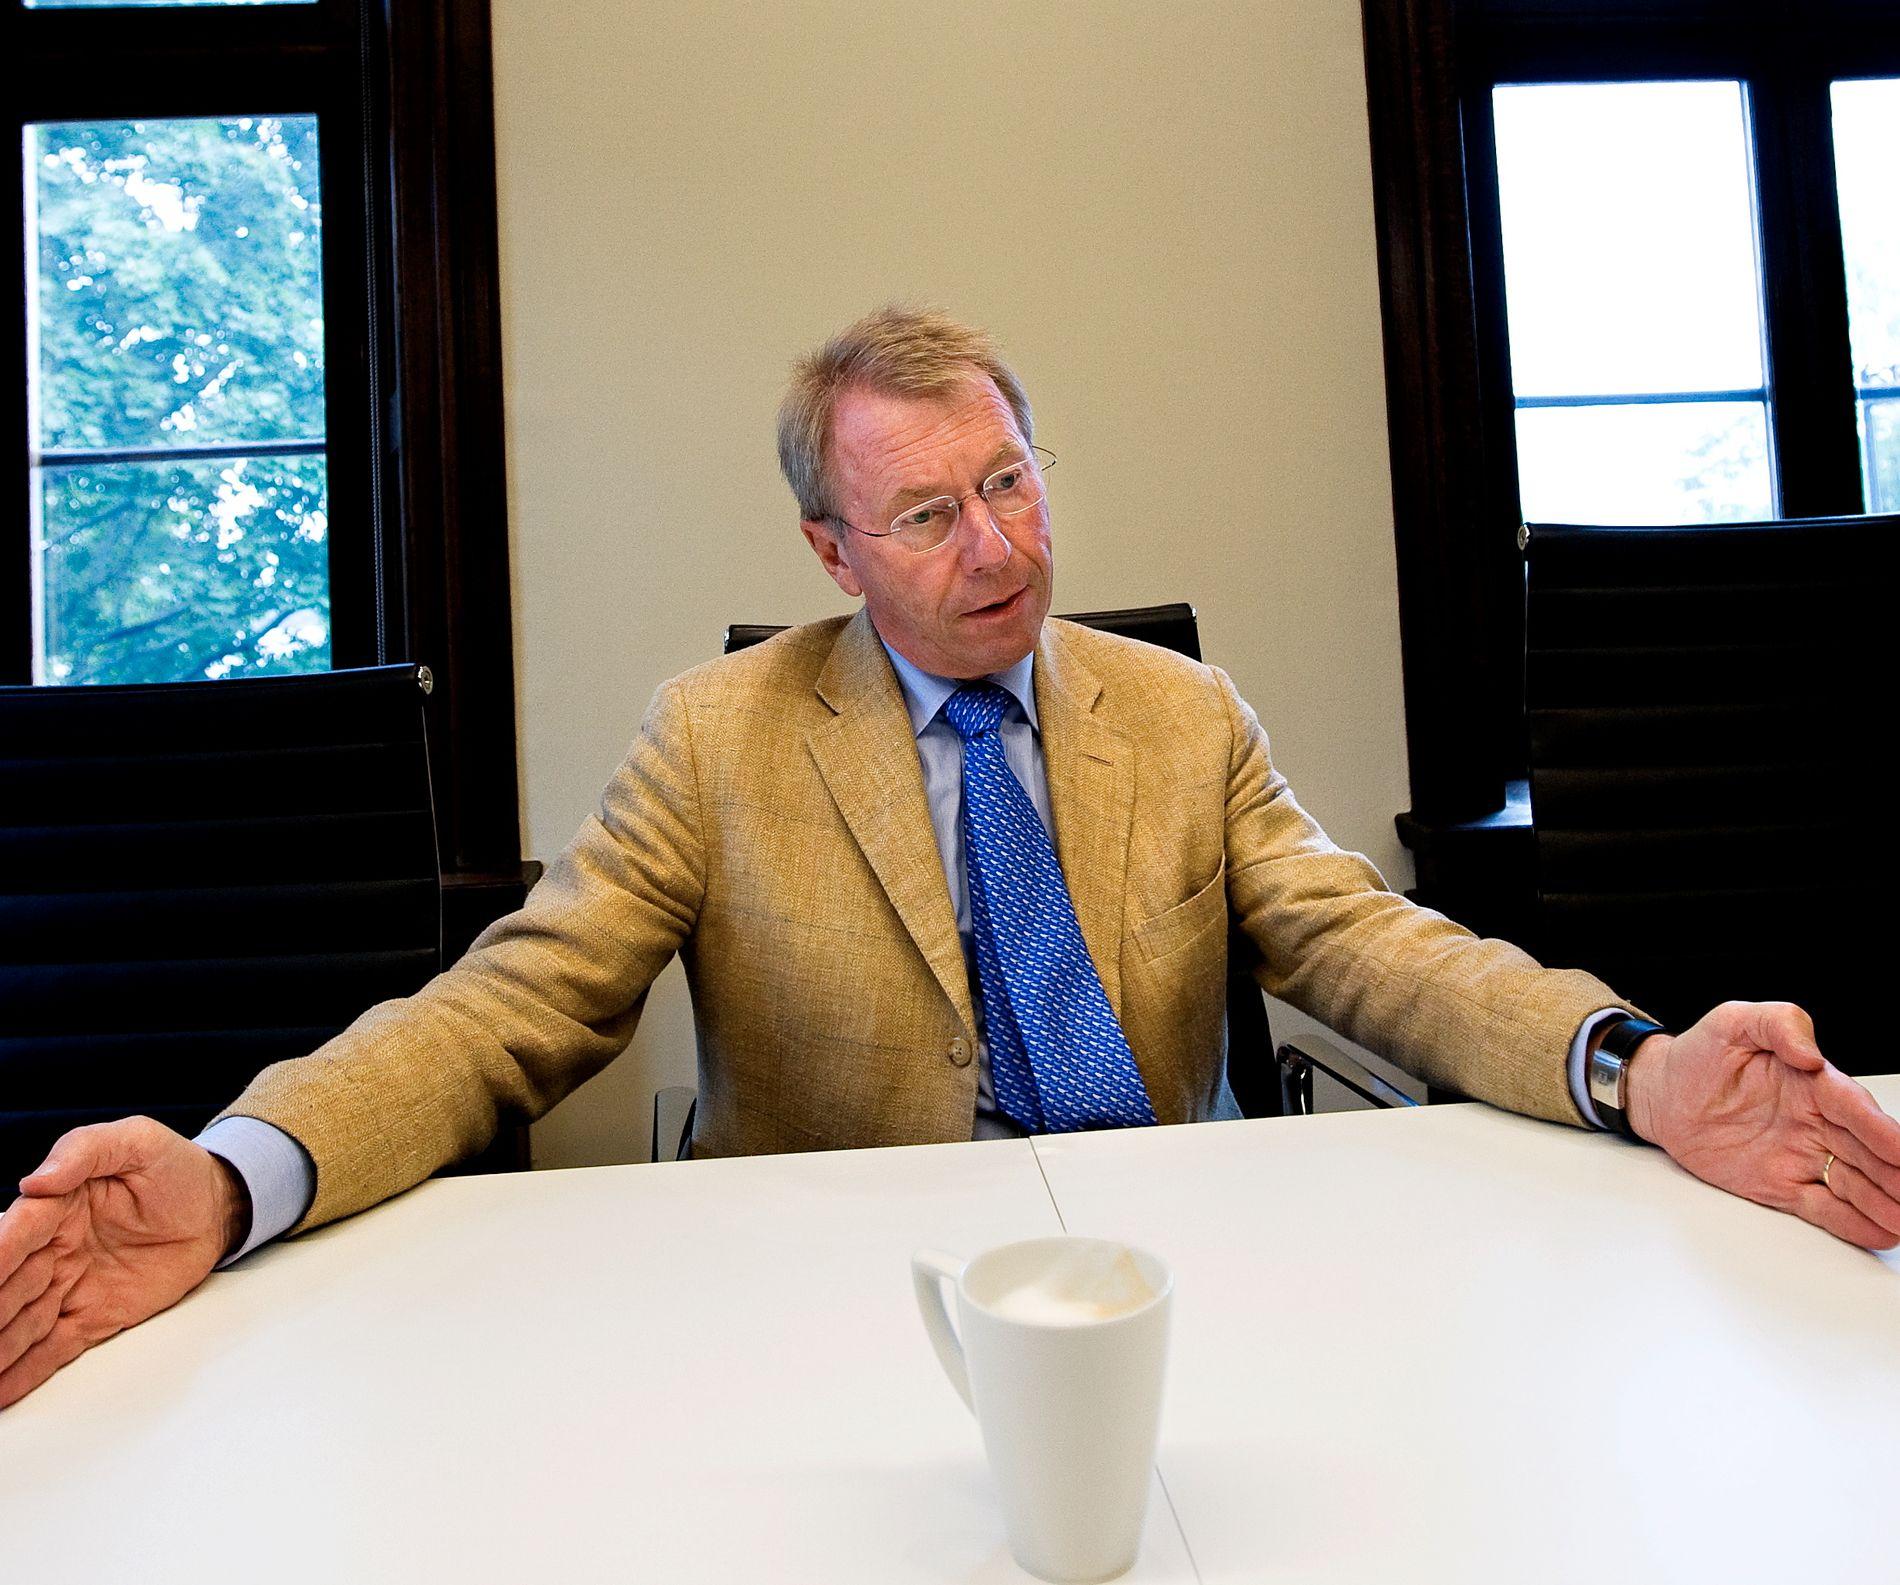 TANKEKORS: Investor Jens Ulltveit-Moe sier det er trist at det er den eldre generasjonen i Storbritannia, som har opplevd krigen, som søker isolasjon fra EU.